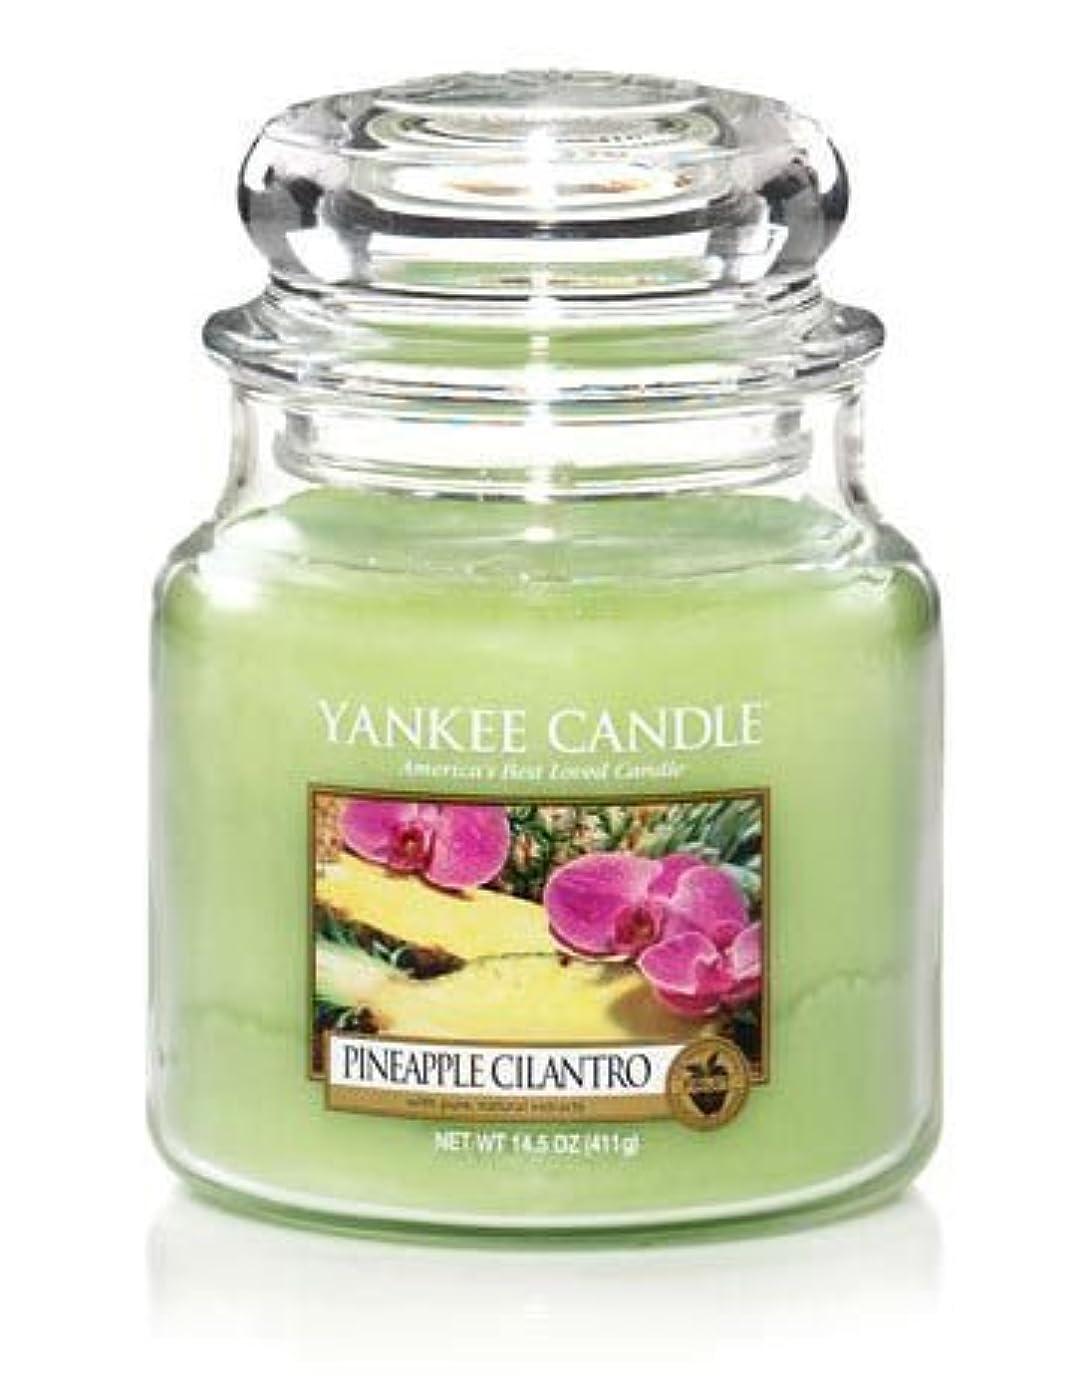 カップル生きる挑発するYankee Candle Pineapple Cilantro Medium Jar 14.5oz Candle by Amazon source [並行輸入品]